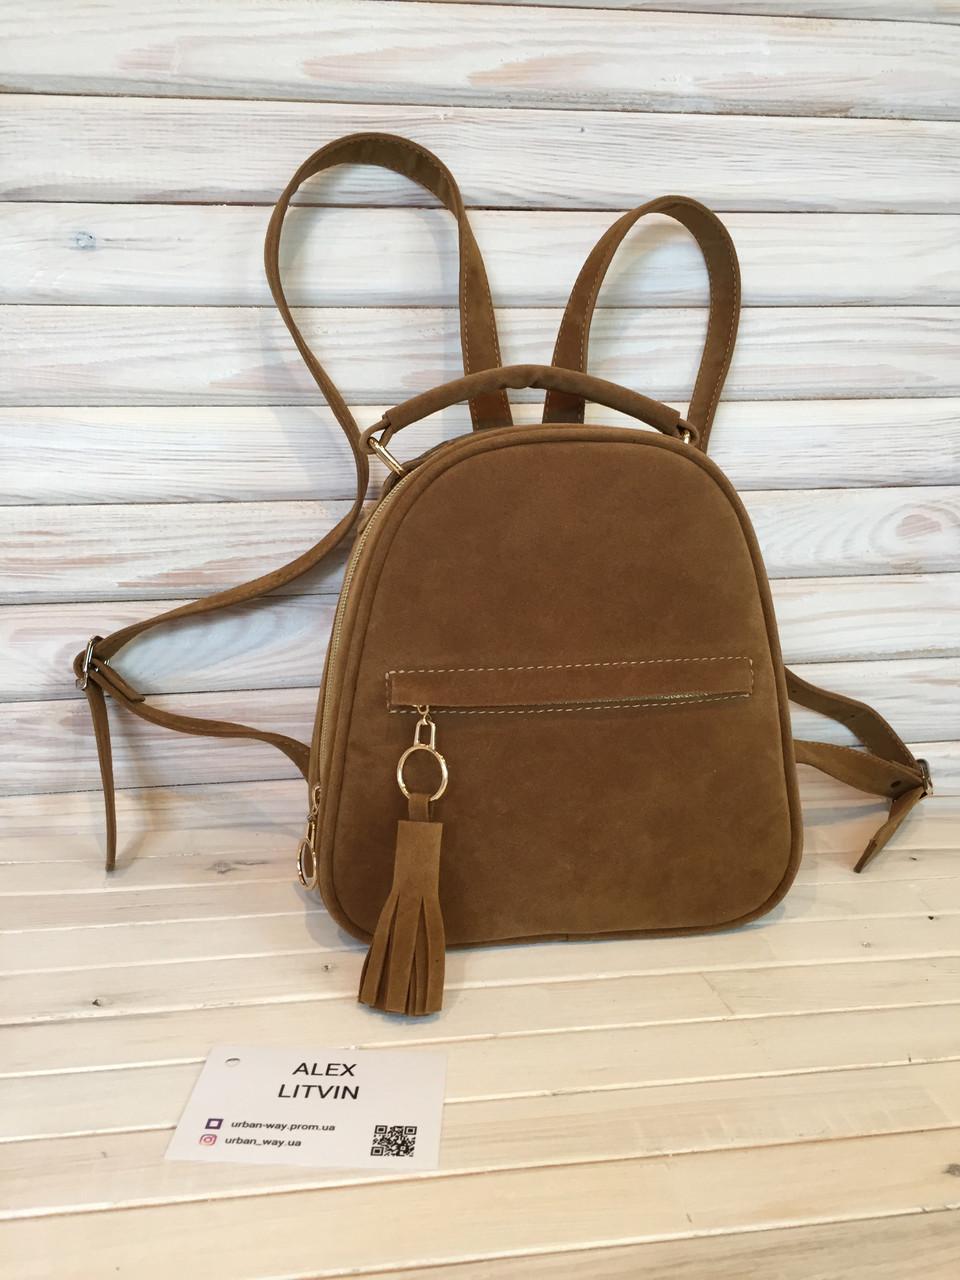 691fa996ebf4 Женский рюкзак, городской, коричневый, замшевый - Интернет - магазин